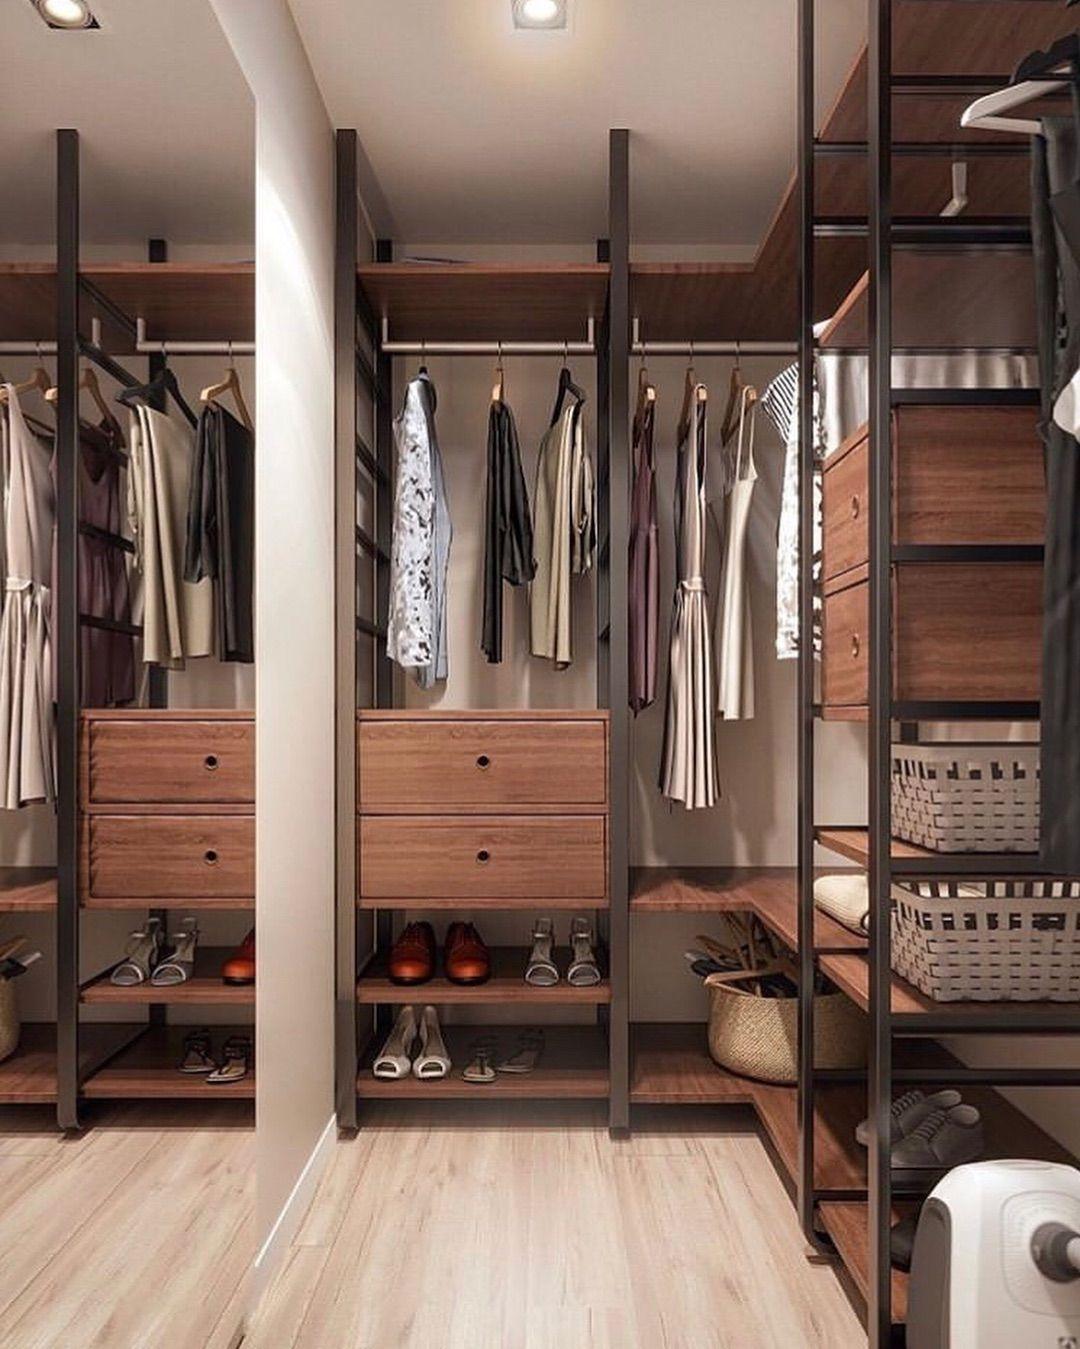 Обустройство гардеробной в стиле лофт: правила и детали стилистического оформления